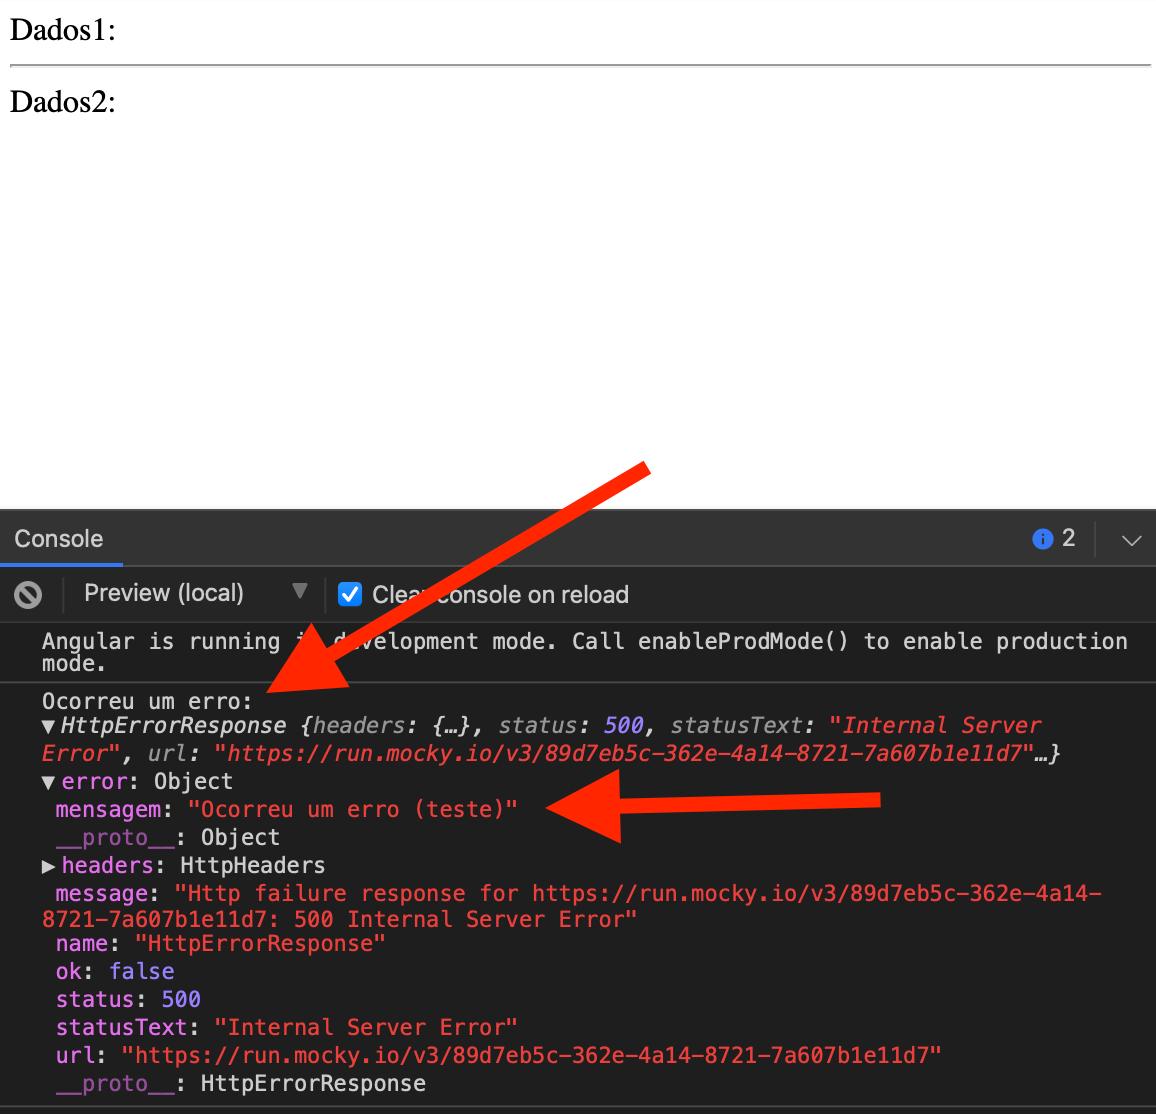 Apresentação do erro no console do navegador emitido pelo forkJoin devido ao erro de uma das requisições